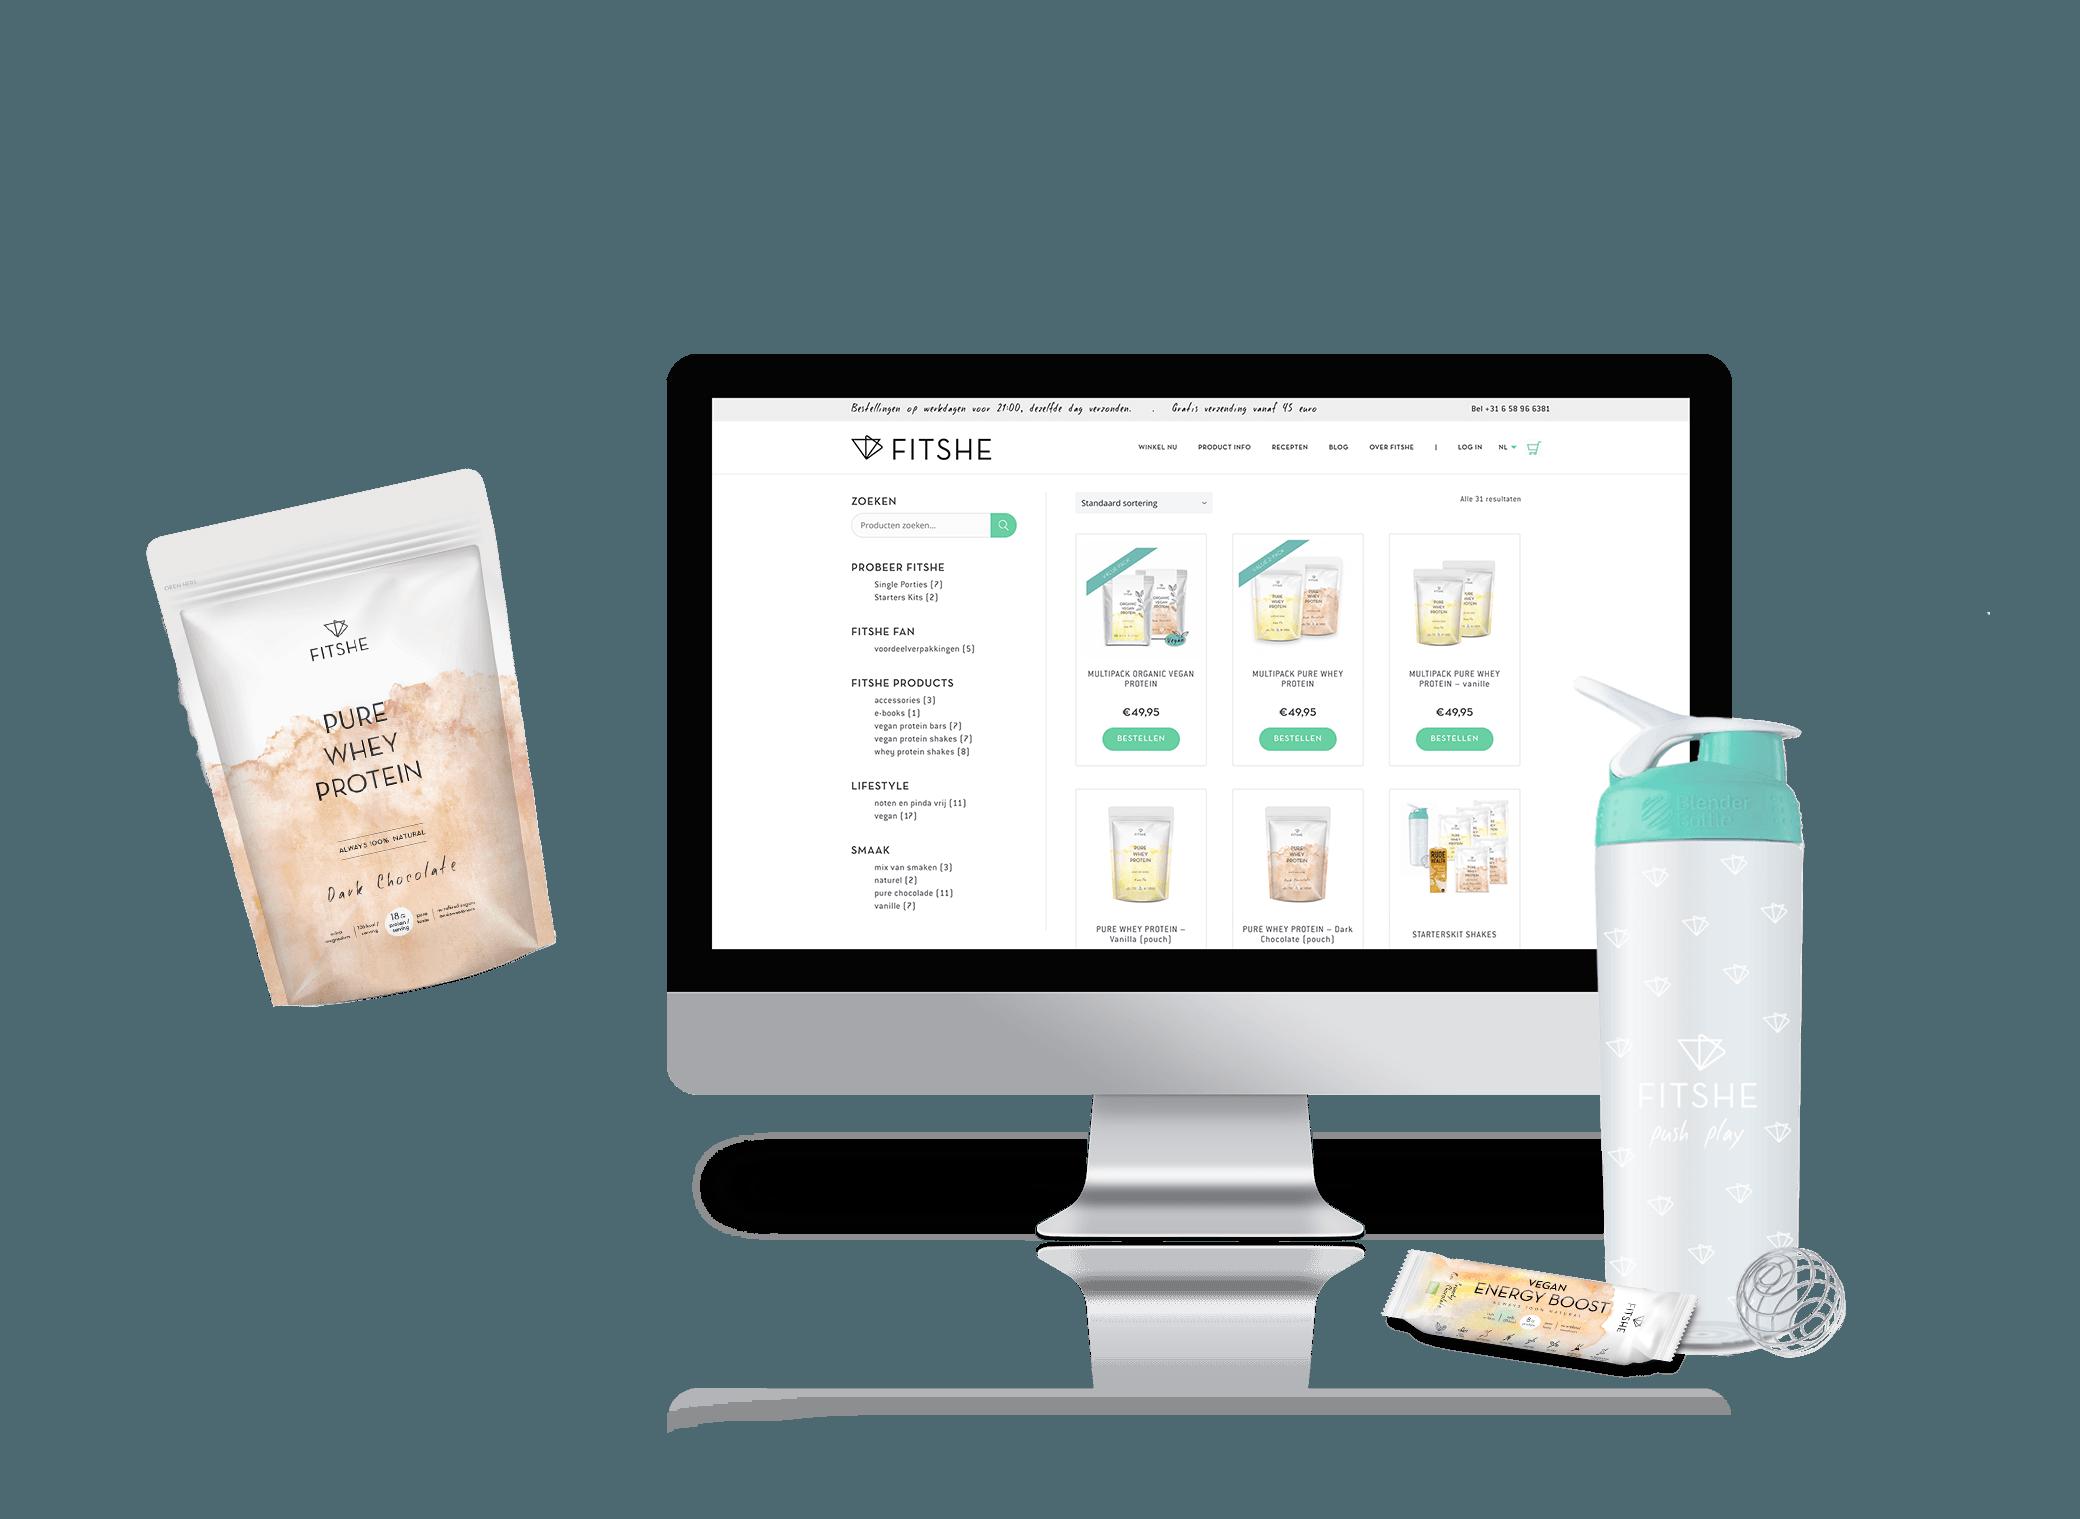 FITSHE shaker en proteïnereep naast een iMac met de online shop weergegeven